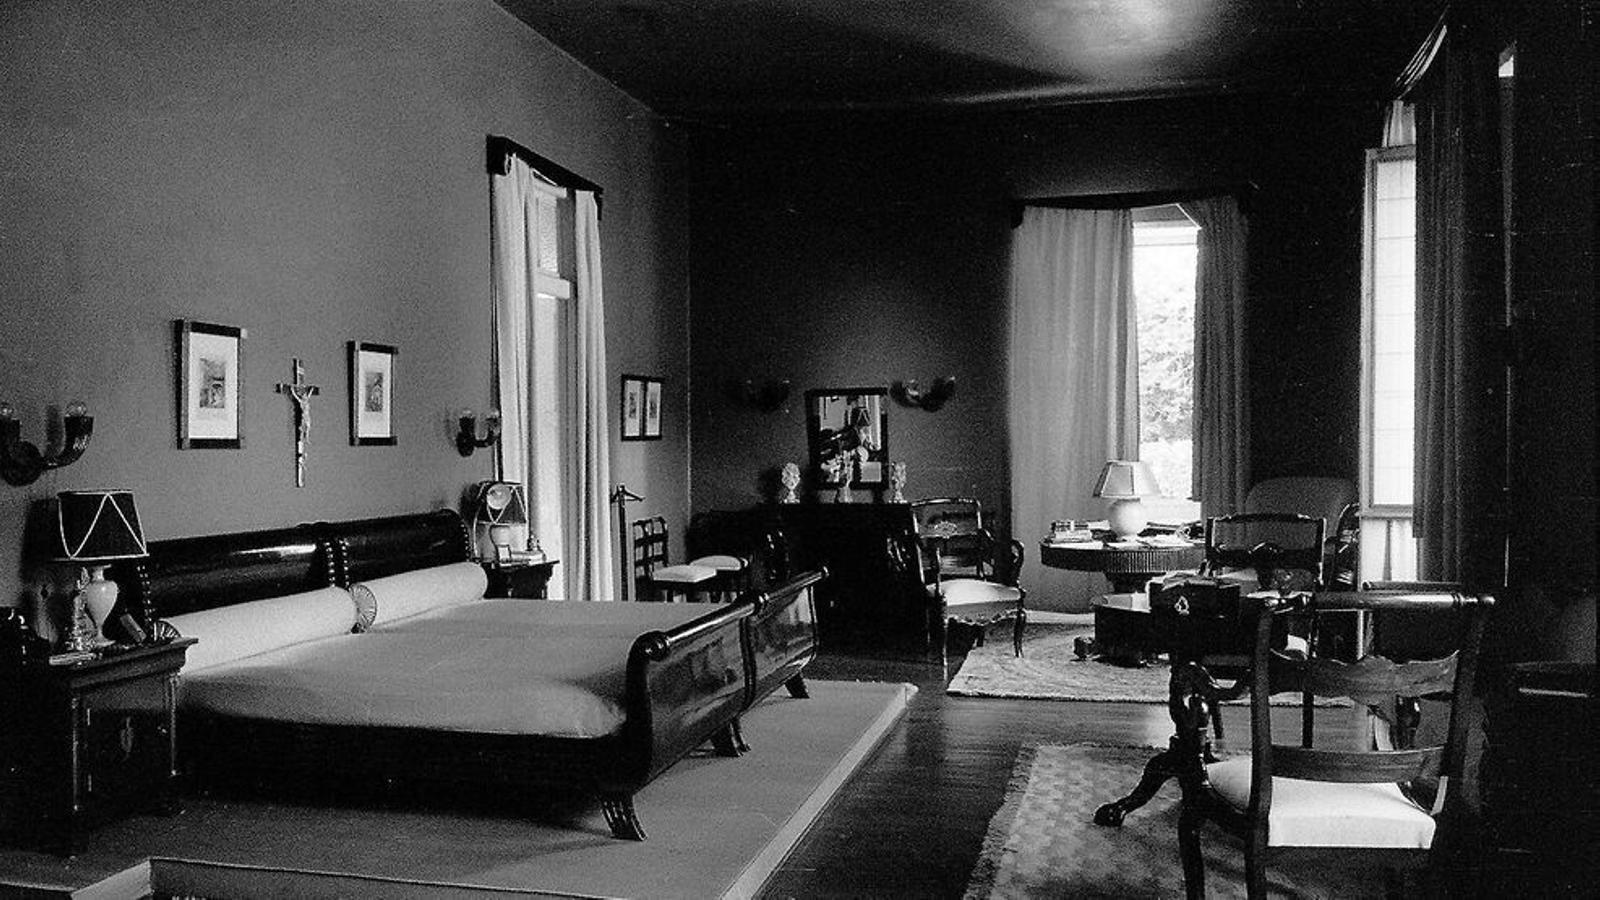 El dormitori principal del Pazo de Meirás, la residència d'estiu de la família Franco, en una fotografia del 1940. / MIGUEL CORTÉS / EFE